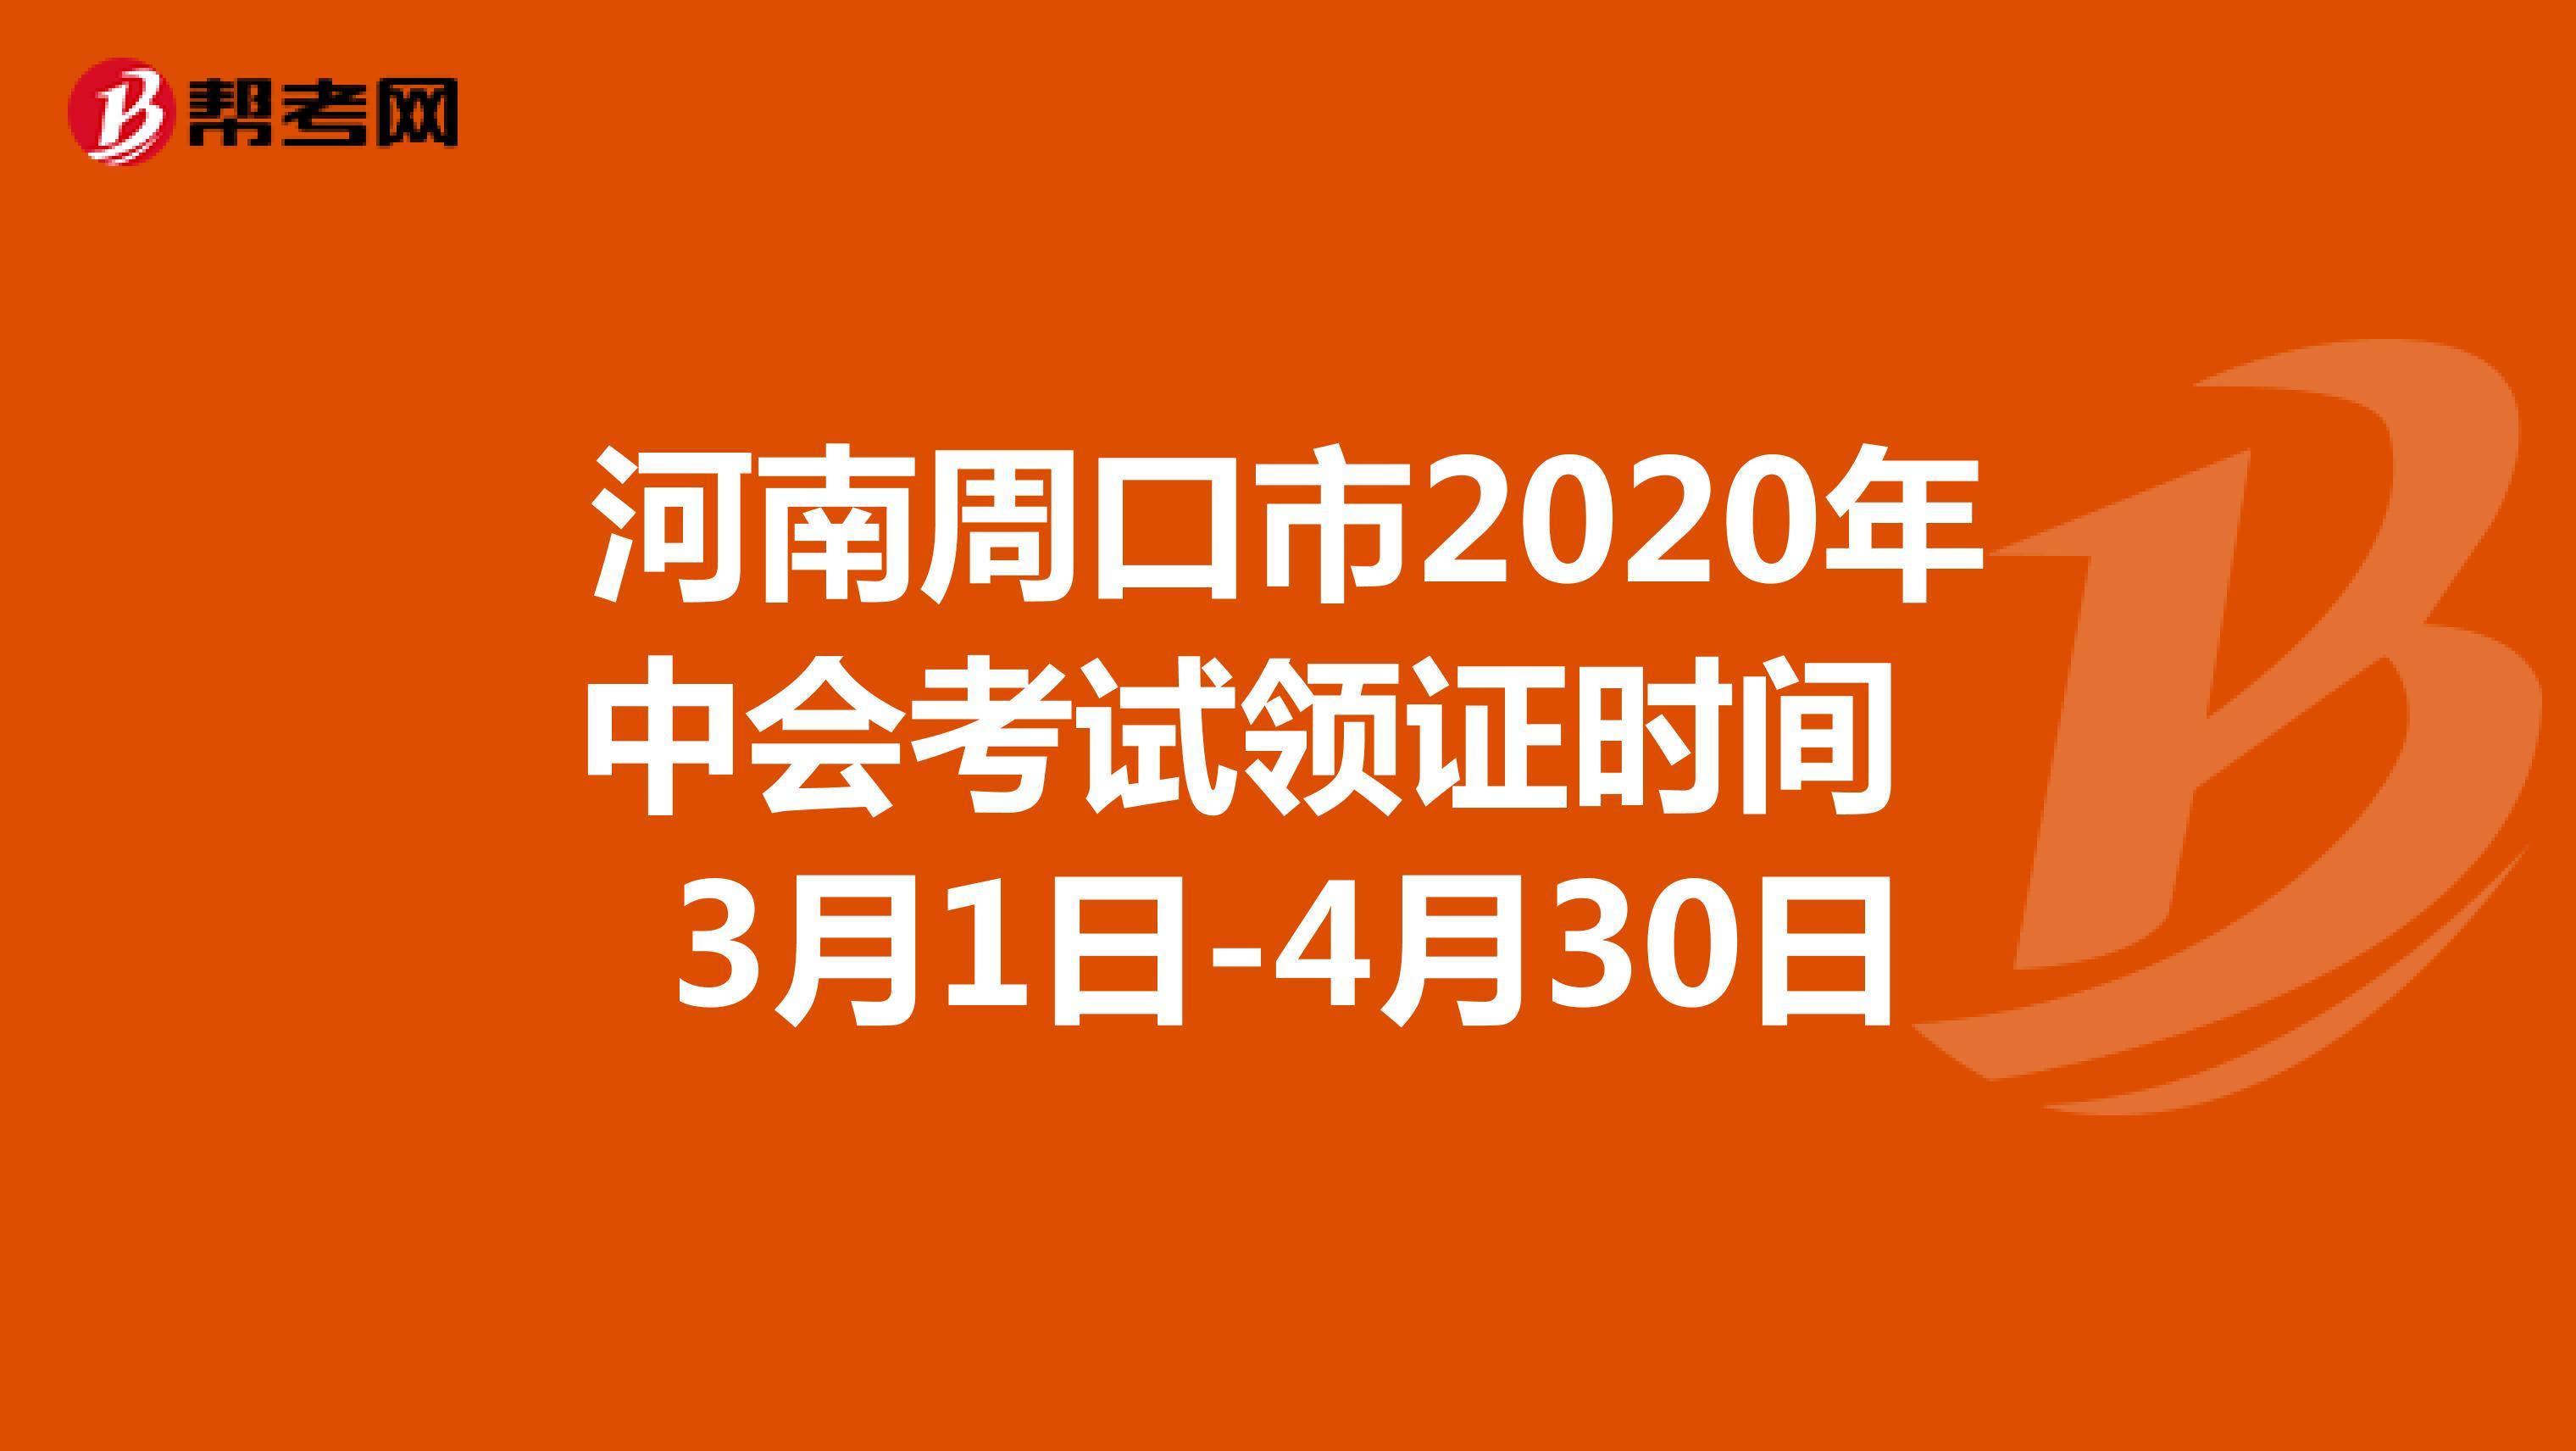 河南周口市2020年中会考试领证时间:3月1日-4月30日